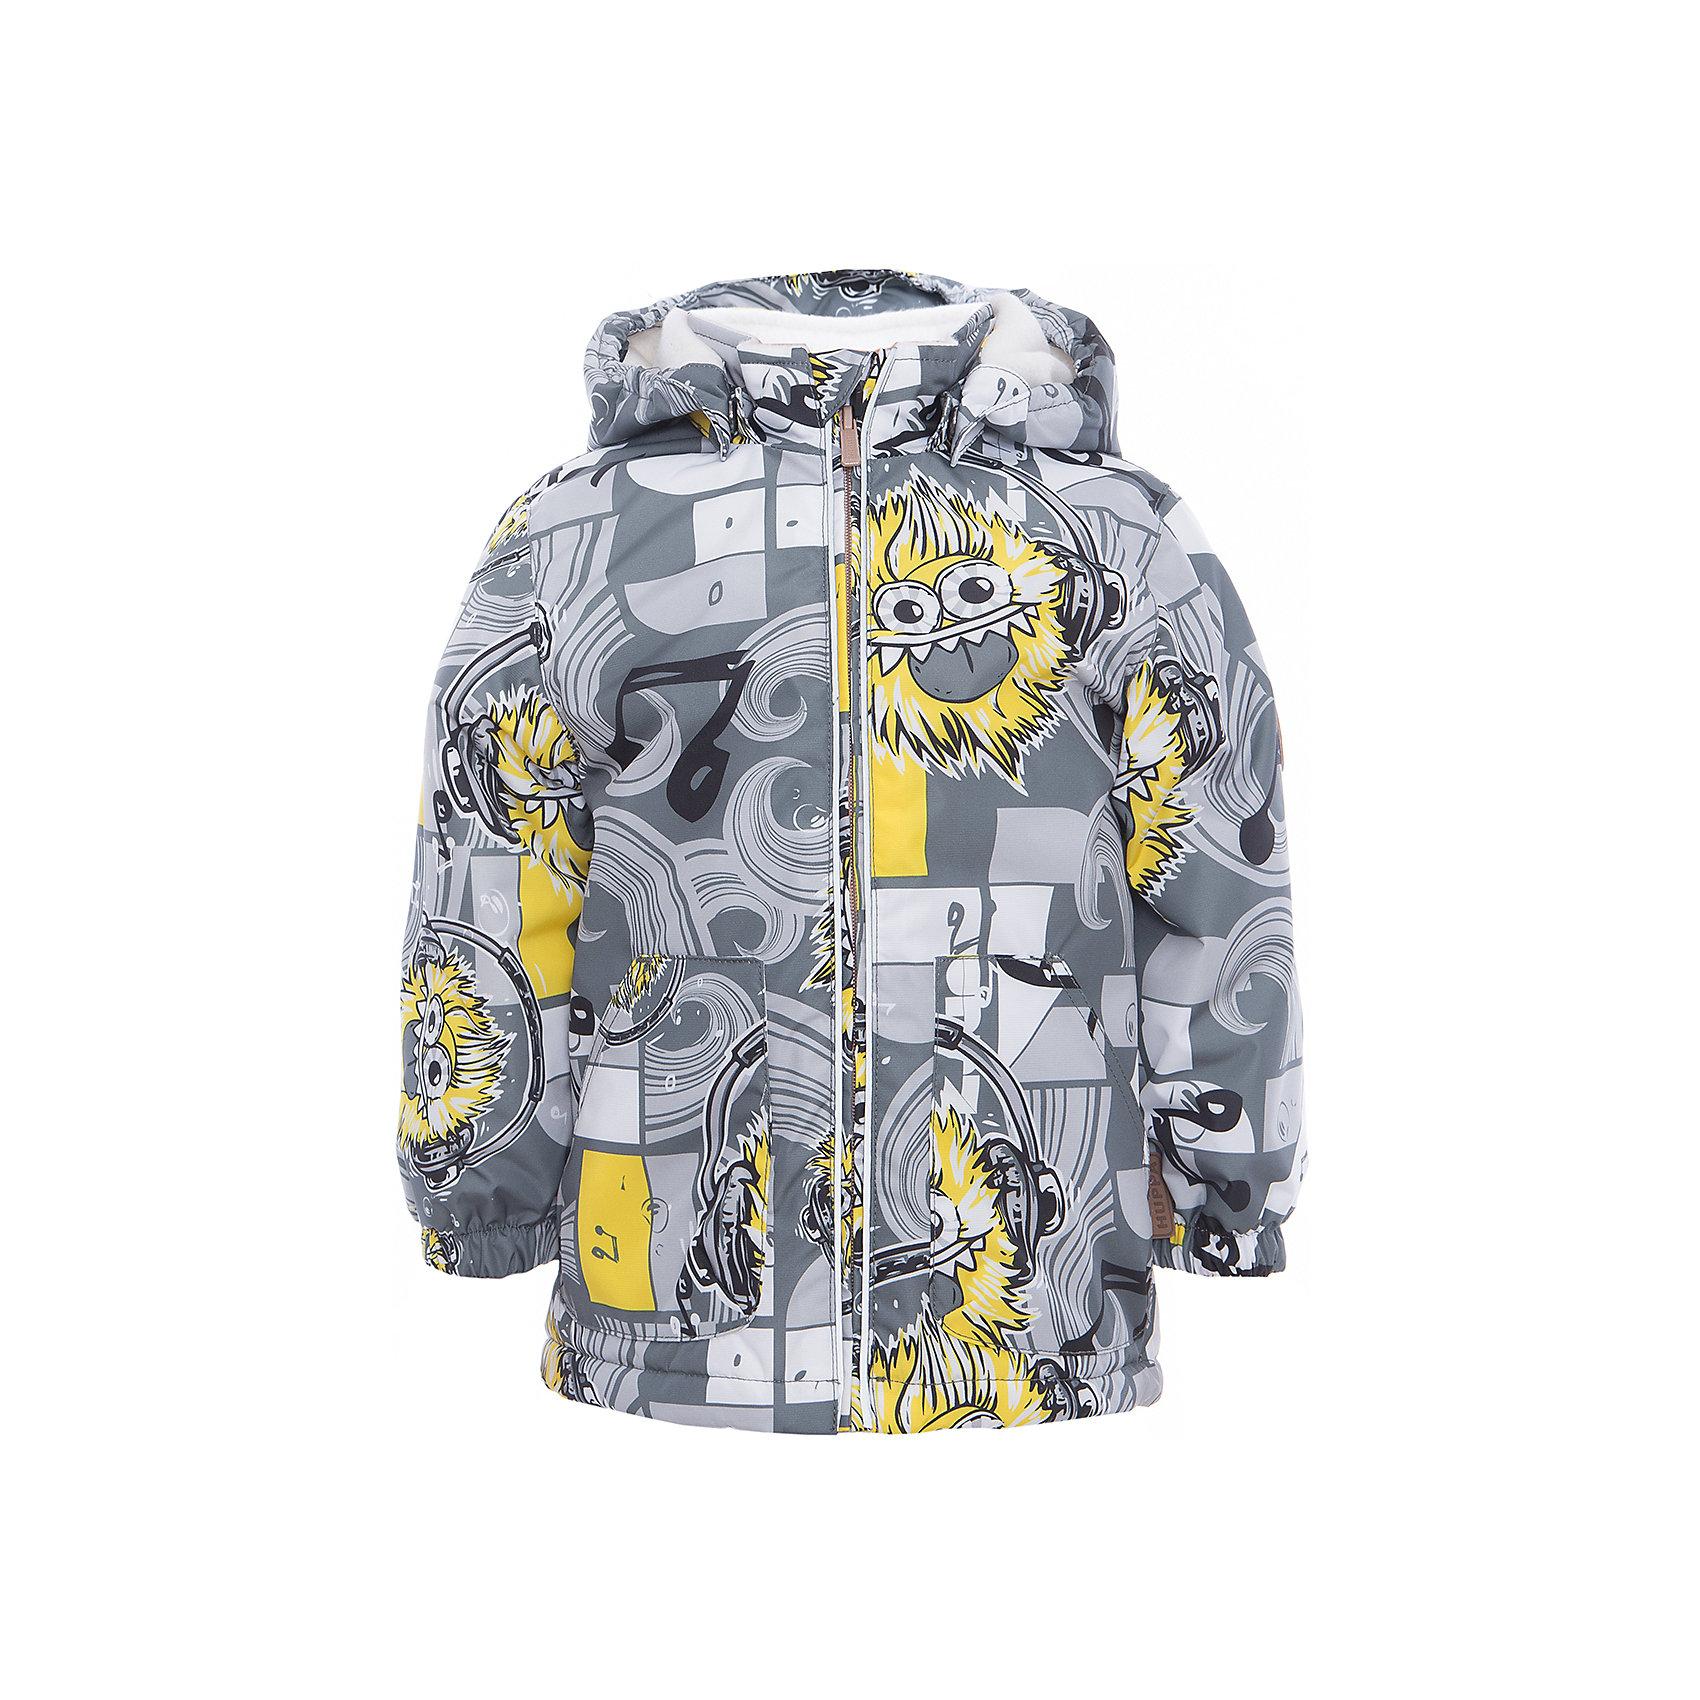 Куртка для мальчика BERTY HuppaДемисезонные куртки<br>Характеристики товара:<br><br>• цвет: серый принт<br>• ткань: 100% полиэстер<br>• подкладка: Coral-fleece, смесь хлопка и полиэстера, в рукавах тафат - 100% полиэстер<br>• утеплитель: 100% полиэстер 100 г<br>• температурный режим: от -5°С до +10°С<br>• водонепроницаемость: 10000 мм<br>• воздухопроницаемость: 10000 мм<br>• светоотражающие детали<br>• эластичные манжеты<br>• эластичный шнурок + фиксатор<br>• защита подбородка<br>• съёмный капюшон с резинкой<br>• комфортная посадка<br>• коллекция: весна-лето 2017<br>• страна бренда: Эстония<br><br>Такая легкая и стильная куртка обеспечит детям тепло и комфорт. Она сделана из материала, отталкивающего воду, и дополнено подкладкой с утеплителем, поэтому изделие идеально подходит для межсезонья. Материал изделия - с мембранной технологией: защищая от влаги и ветра, он легко выводит лишнюю влагу наружу. Для удобства сделан капюшон. Куртка очень симпатично смотрится, яркая расцветка и крой добавляют ему оригинальности. Модель была разработана специально для детей.<br><br>Одежда и обувь от популярного эстонского бренда Huppa - отличный вариант одеть ребенка можно и комфортно. Вещи, выпускаемые компанией, качественные, продуманные и очень удобные. Для производства изделий используются только безопасные для детей материалы. Продукция от Huppa порадует и детей, и их родителей!<br><br>Куртку для мальчика BERTY от бренда Huppa (Хуппа) можно купить в нашем интернет-магазине.<br><br>Ширина мм: 356<br>Глубина мм: 10<br>Высота мм: 245<br>Вес г: 519<br>Цвет: серый<br>Возраст от месяцев: 48<br>Возраст до месяцев: 60<br>Пол: Мужской<br>Возраст: Детский<br>Размер: 110,92,80,86,98,104<br>SKU: 5346966